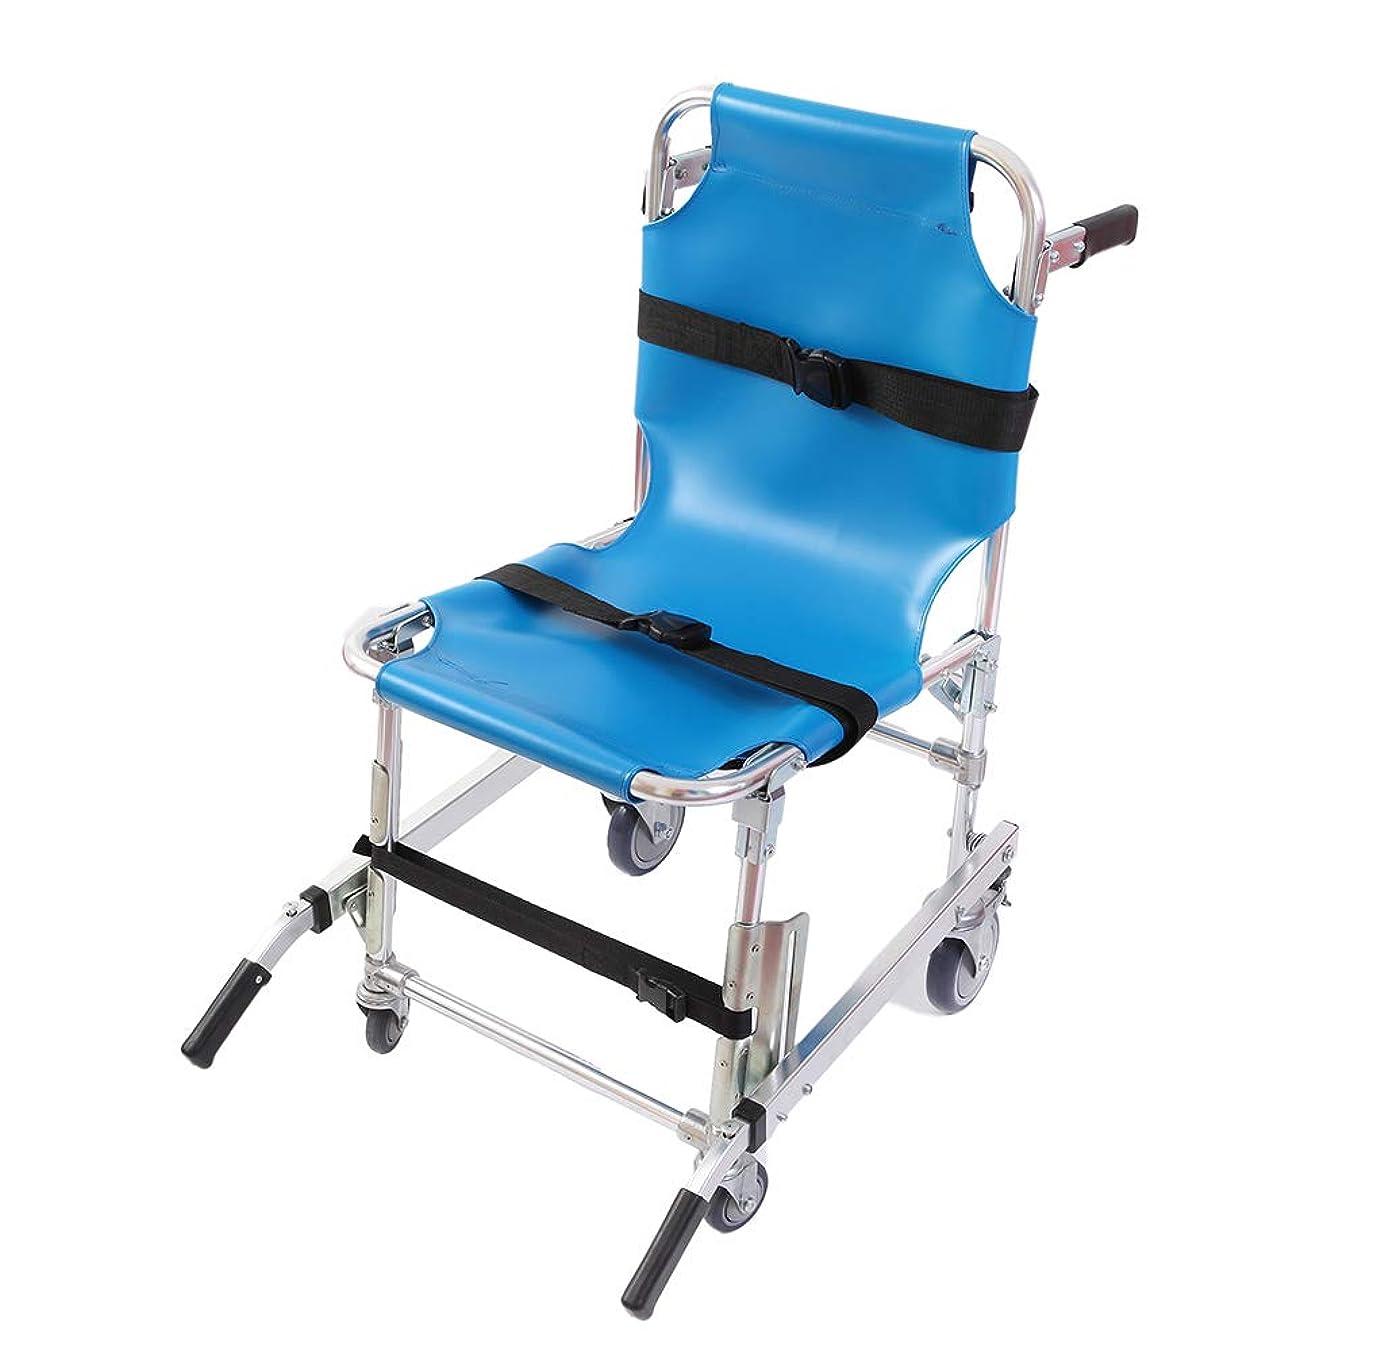 曲組立しゃがむアルミ軽量EMS階段椅子緊急避難医療リフト階段椅子クイックリリースバックル付き、ブルー